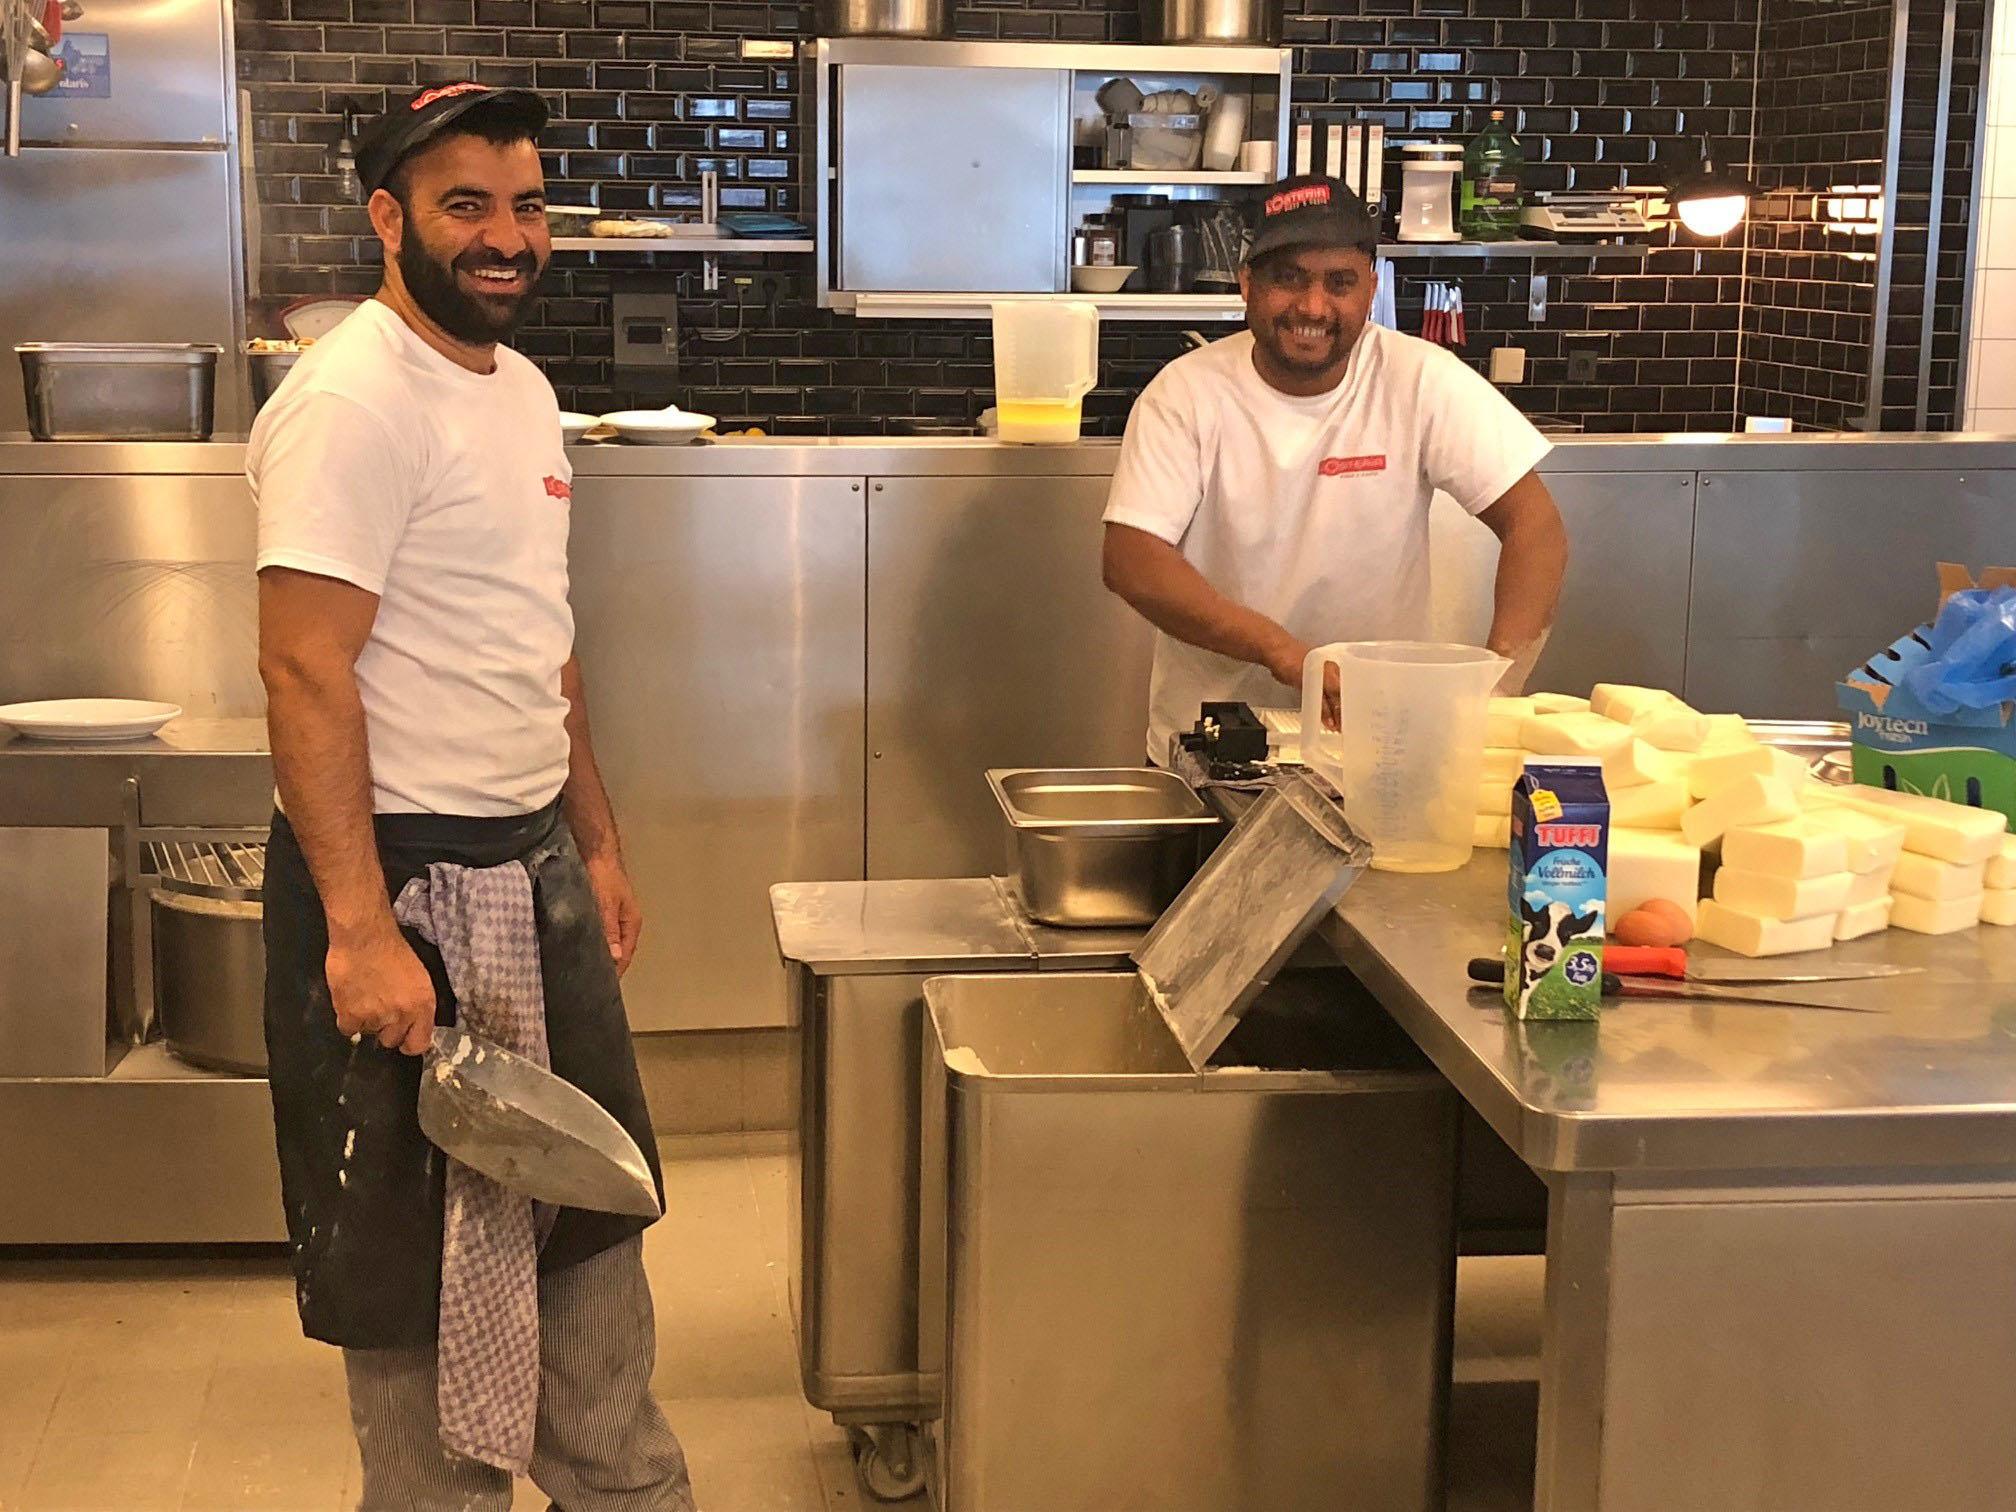 Vom Flüchtling zum Pizzabäcker